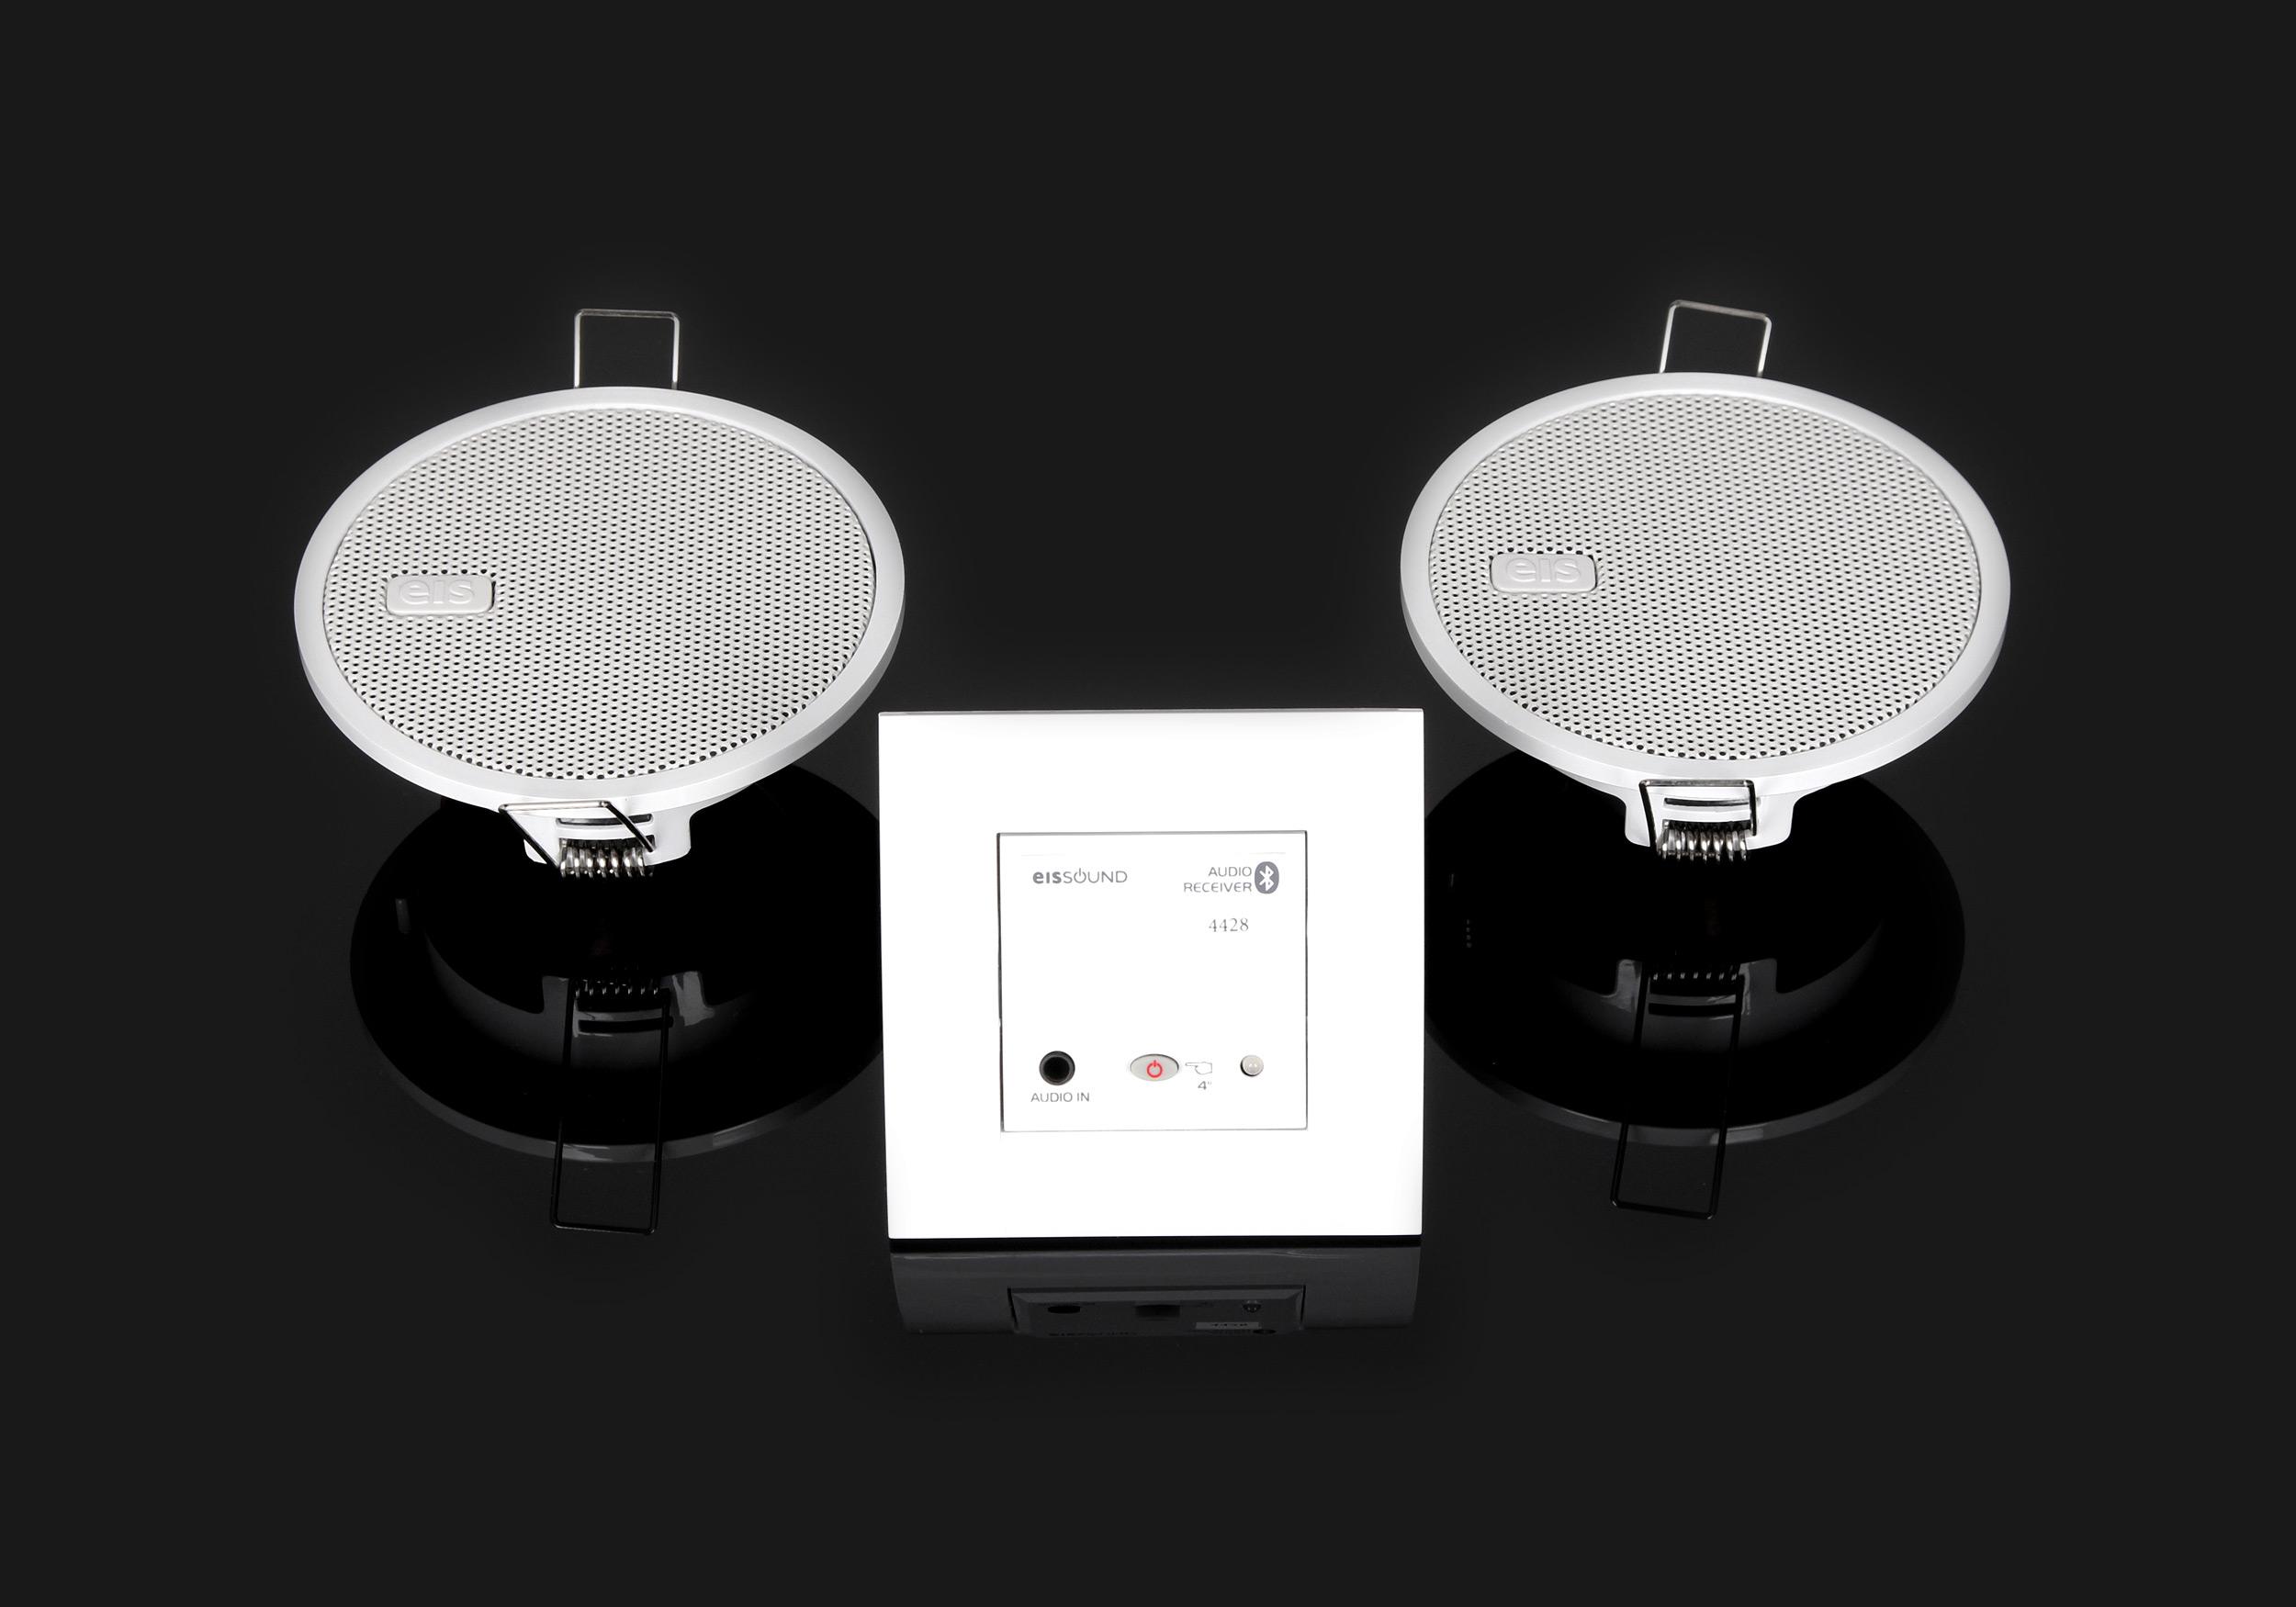 Eis Sound In-Wall nagłośnienie Bluetooth do łazienki